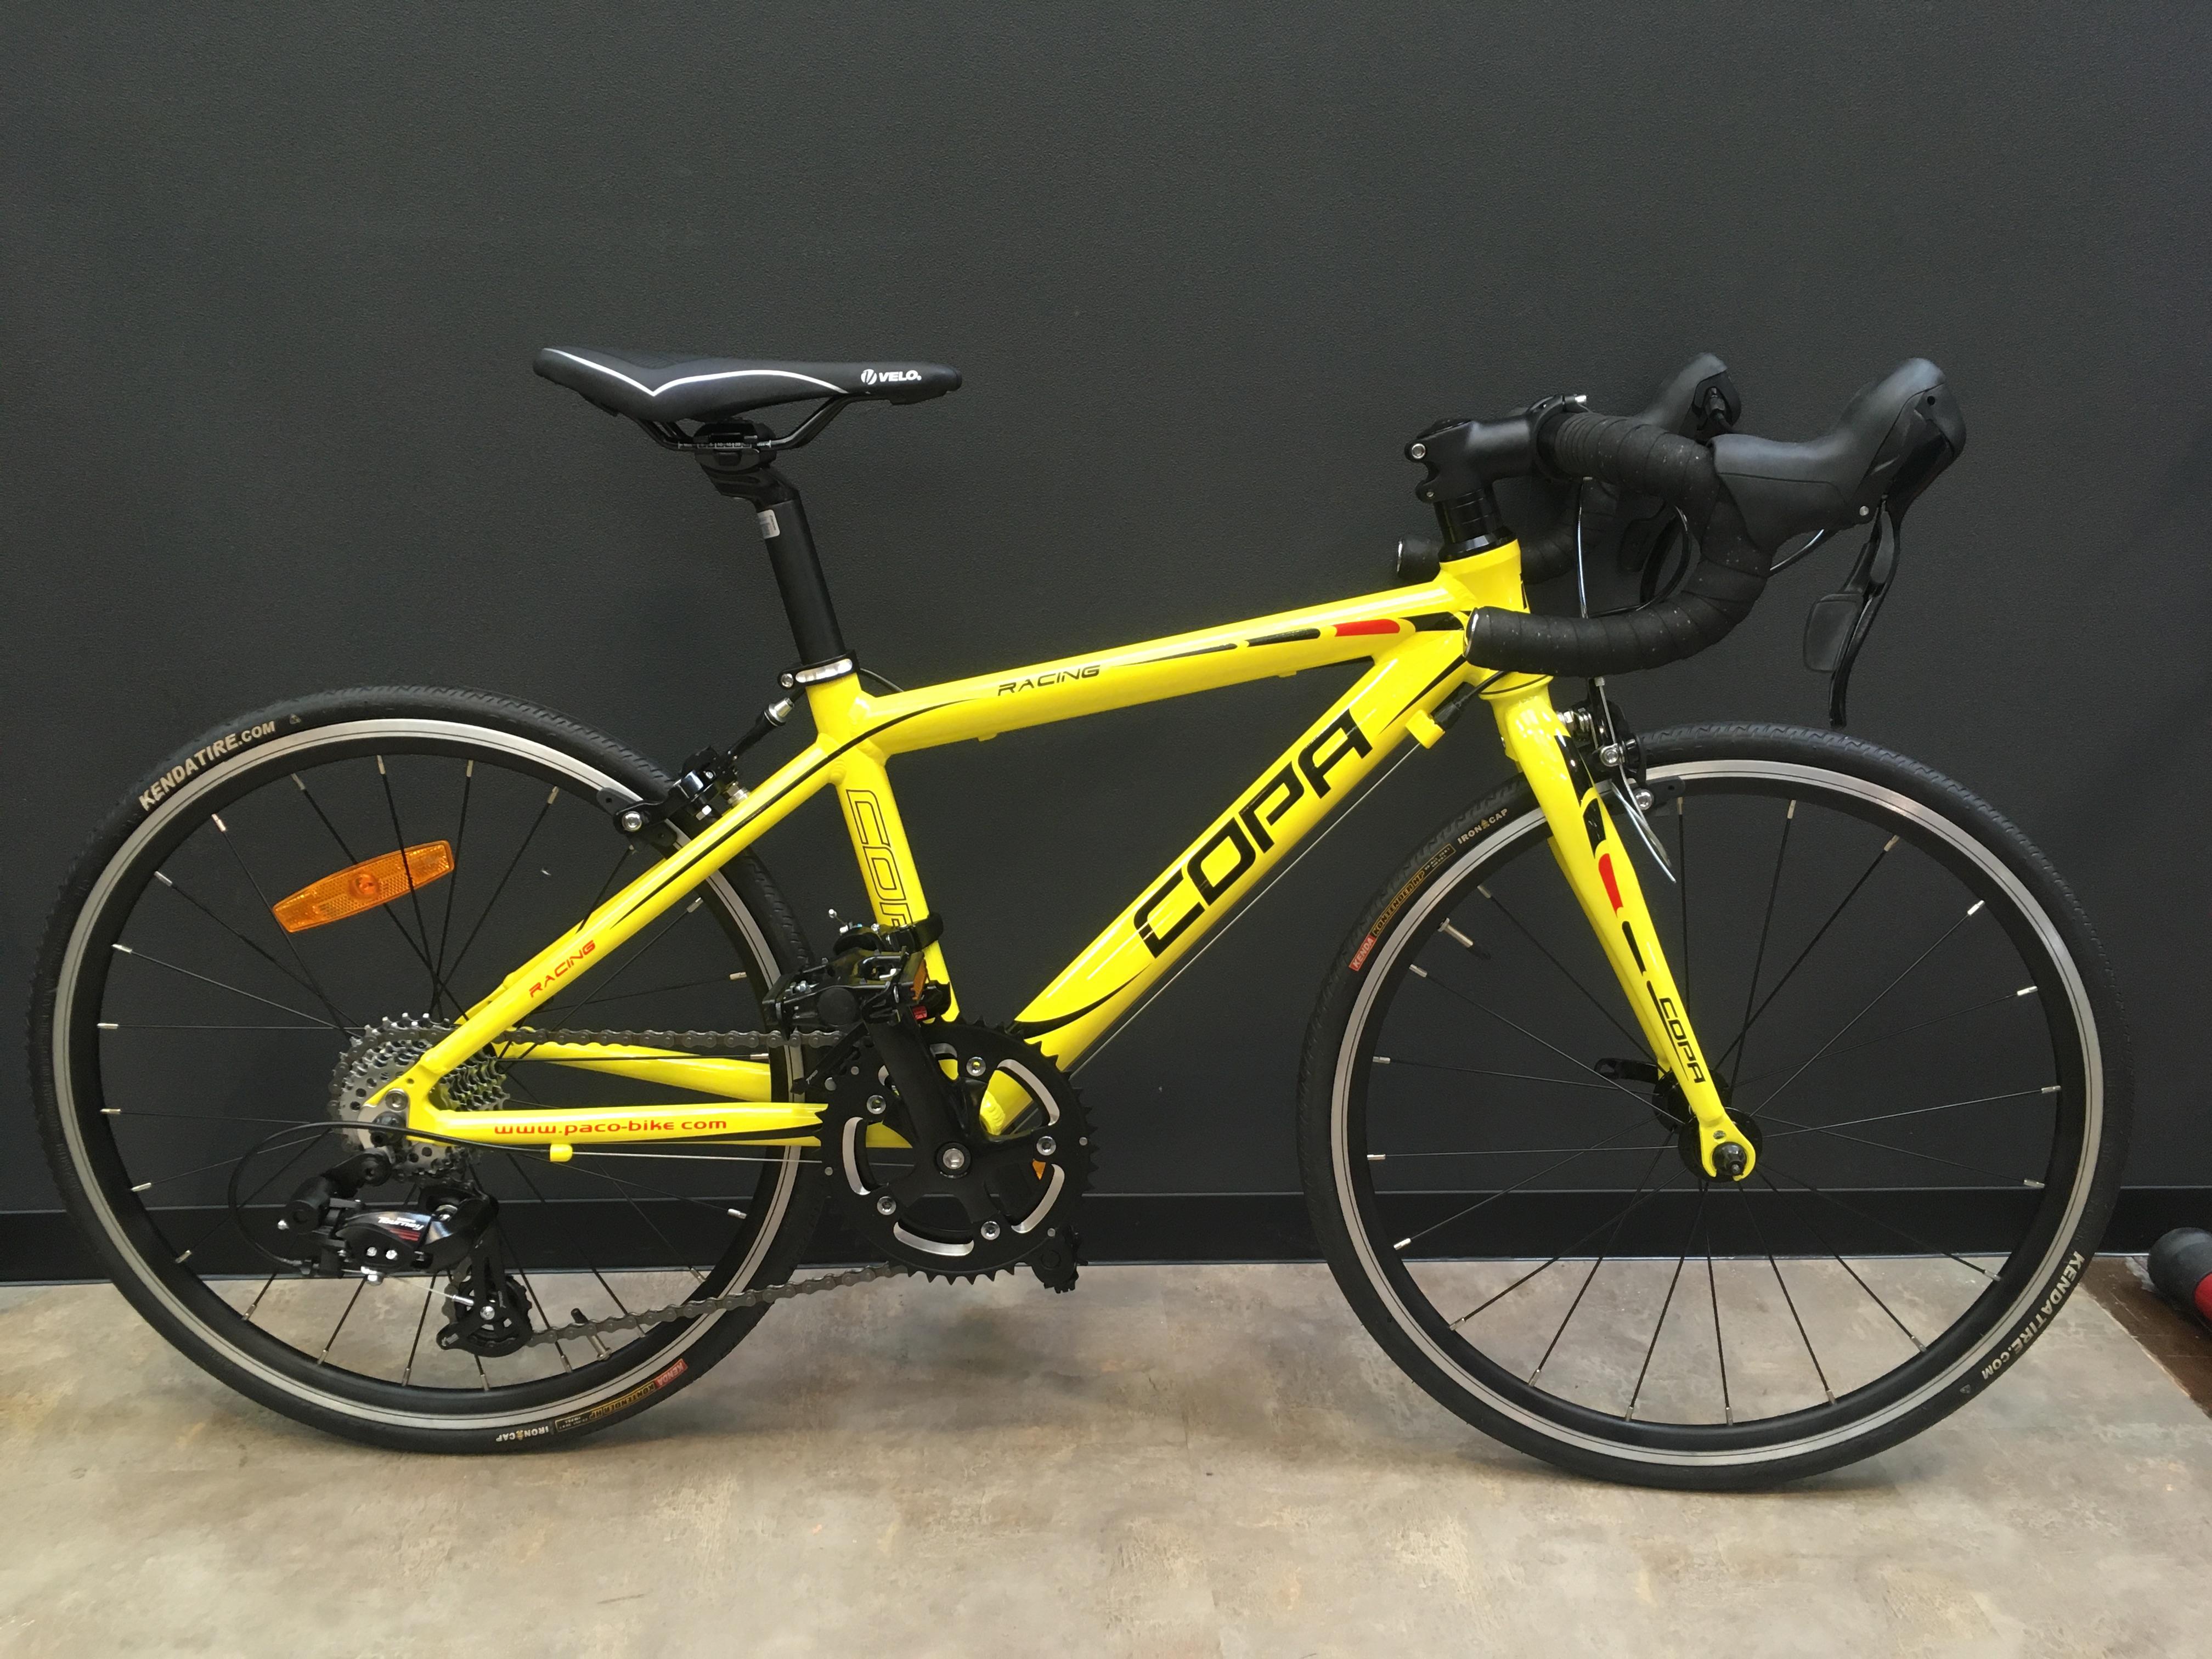 PACO 20inch Road Bike